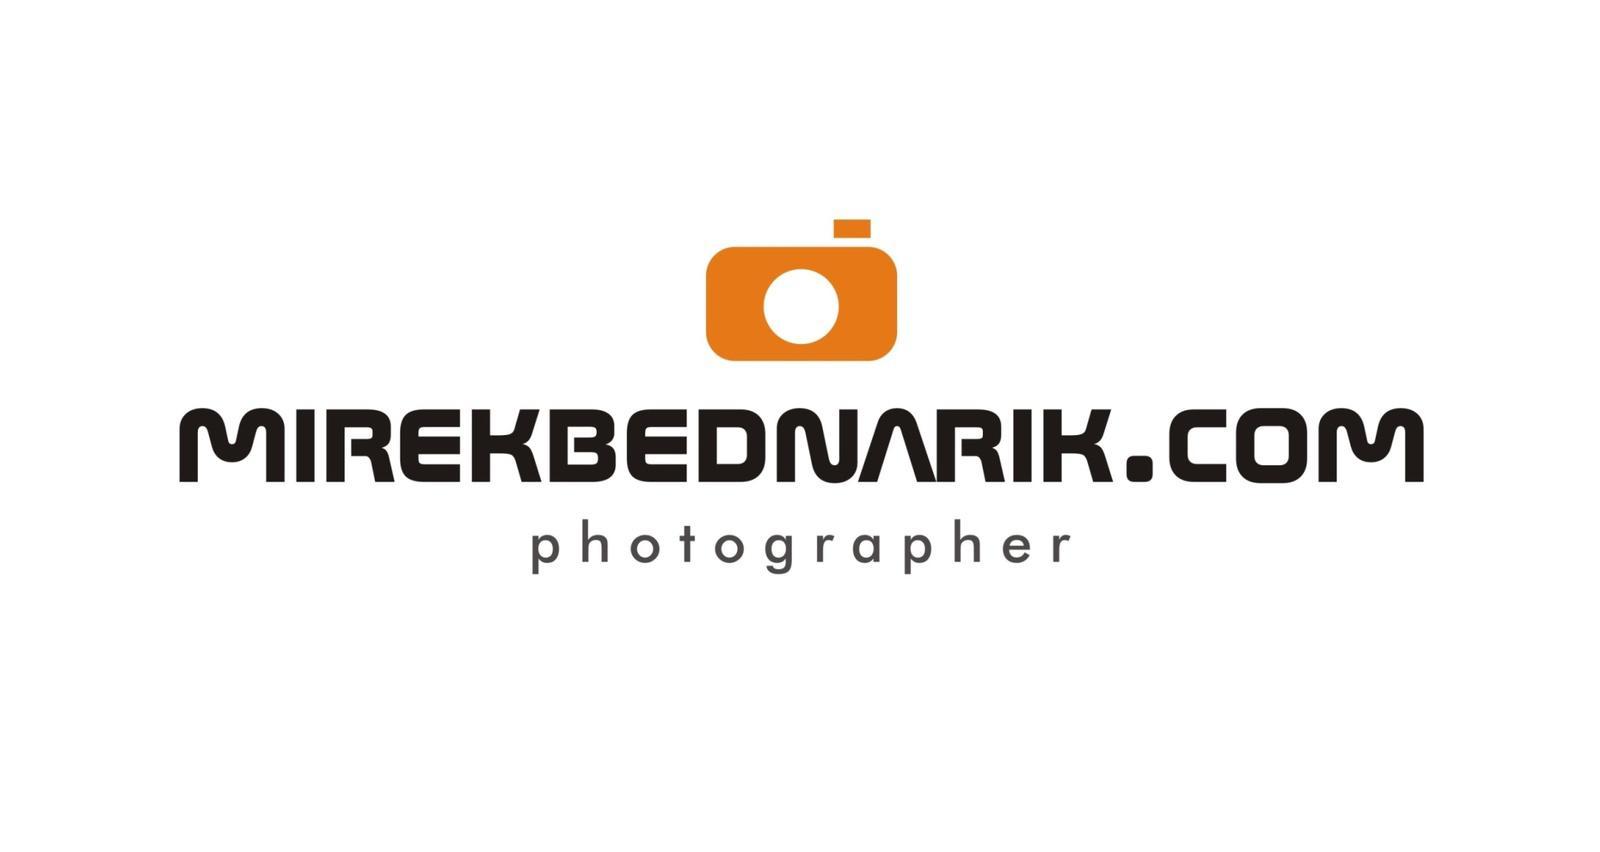 mirekbednarik.cz - fotografie pro každou příležitost